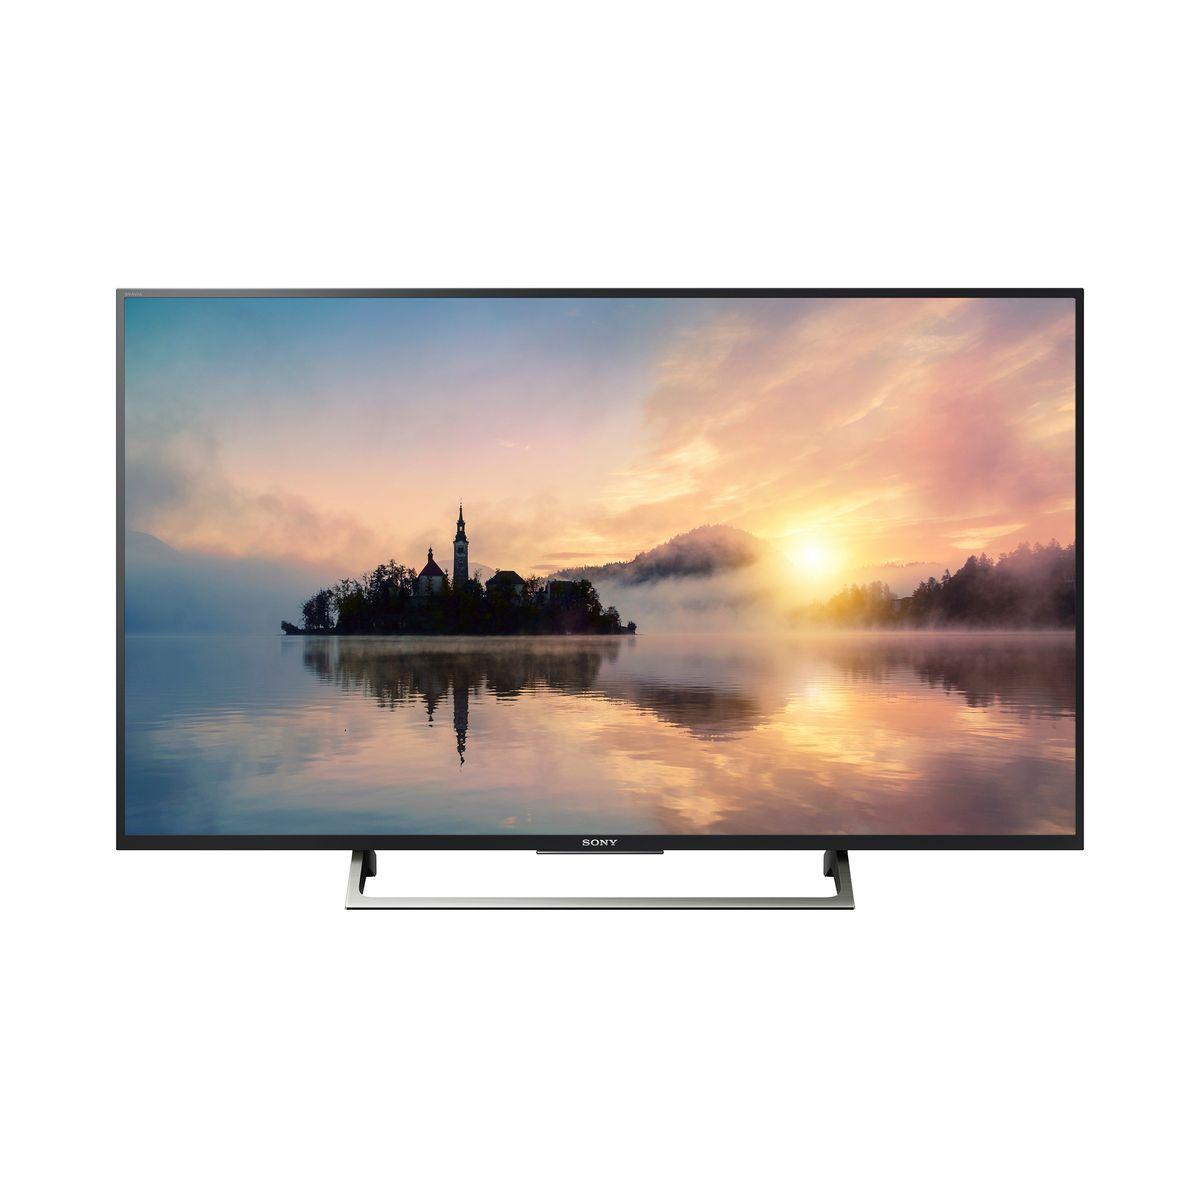 Tv led sony kd43xe7096 - livraison offerte : code liv